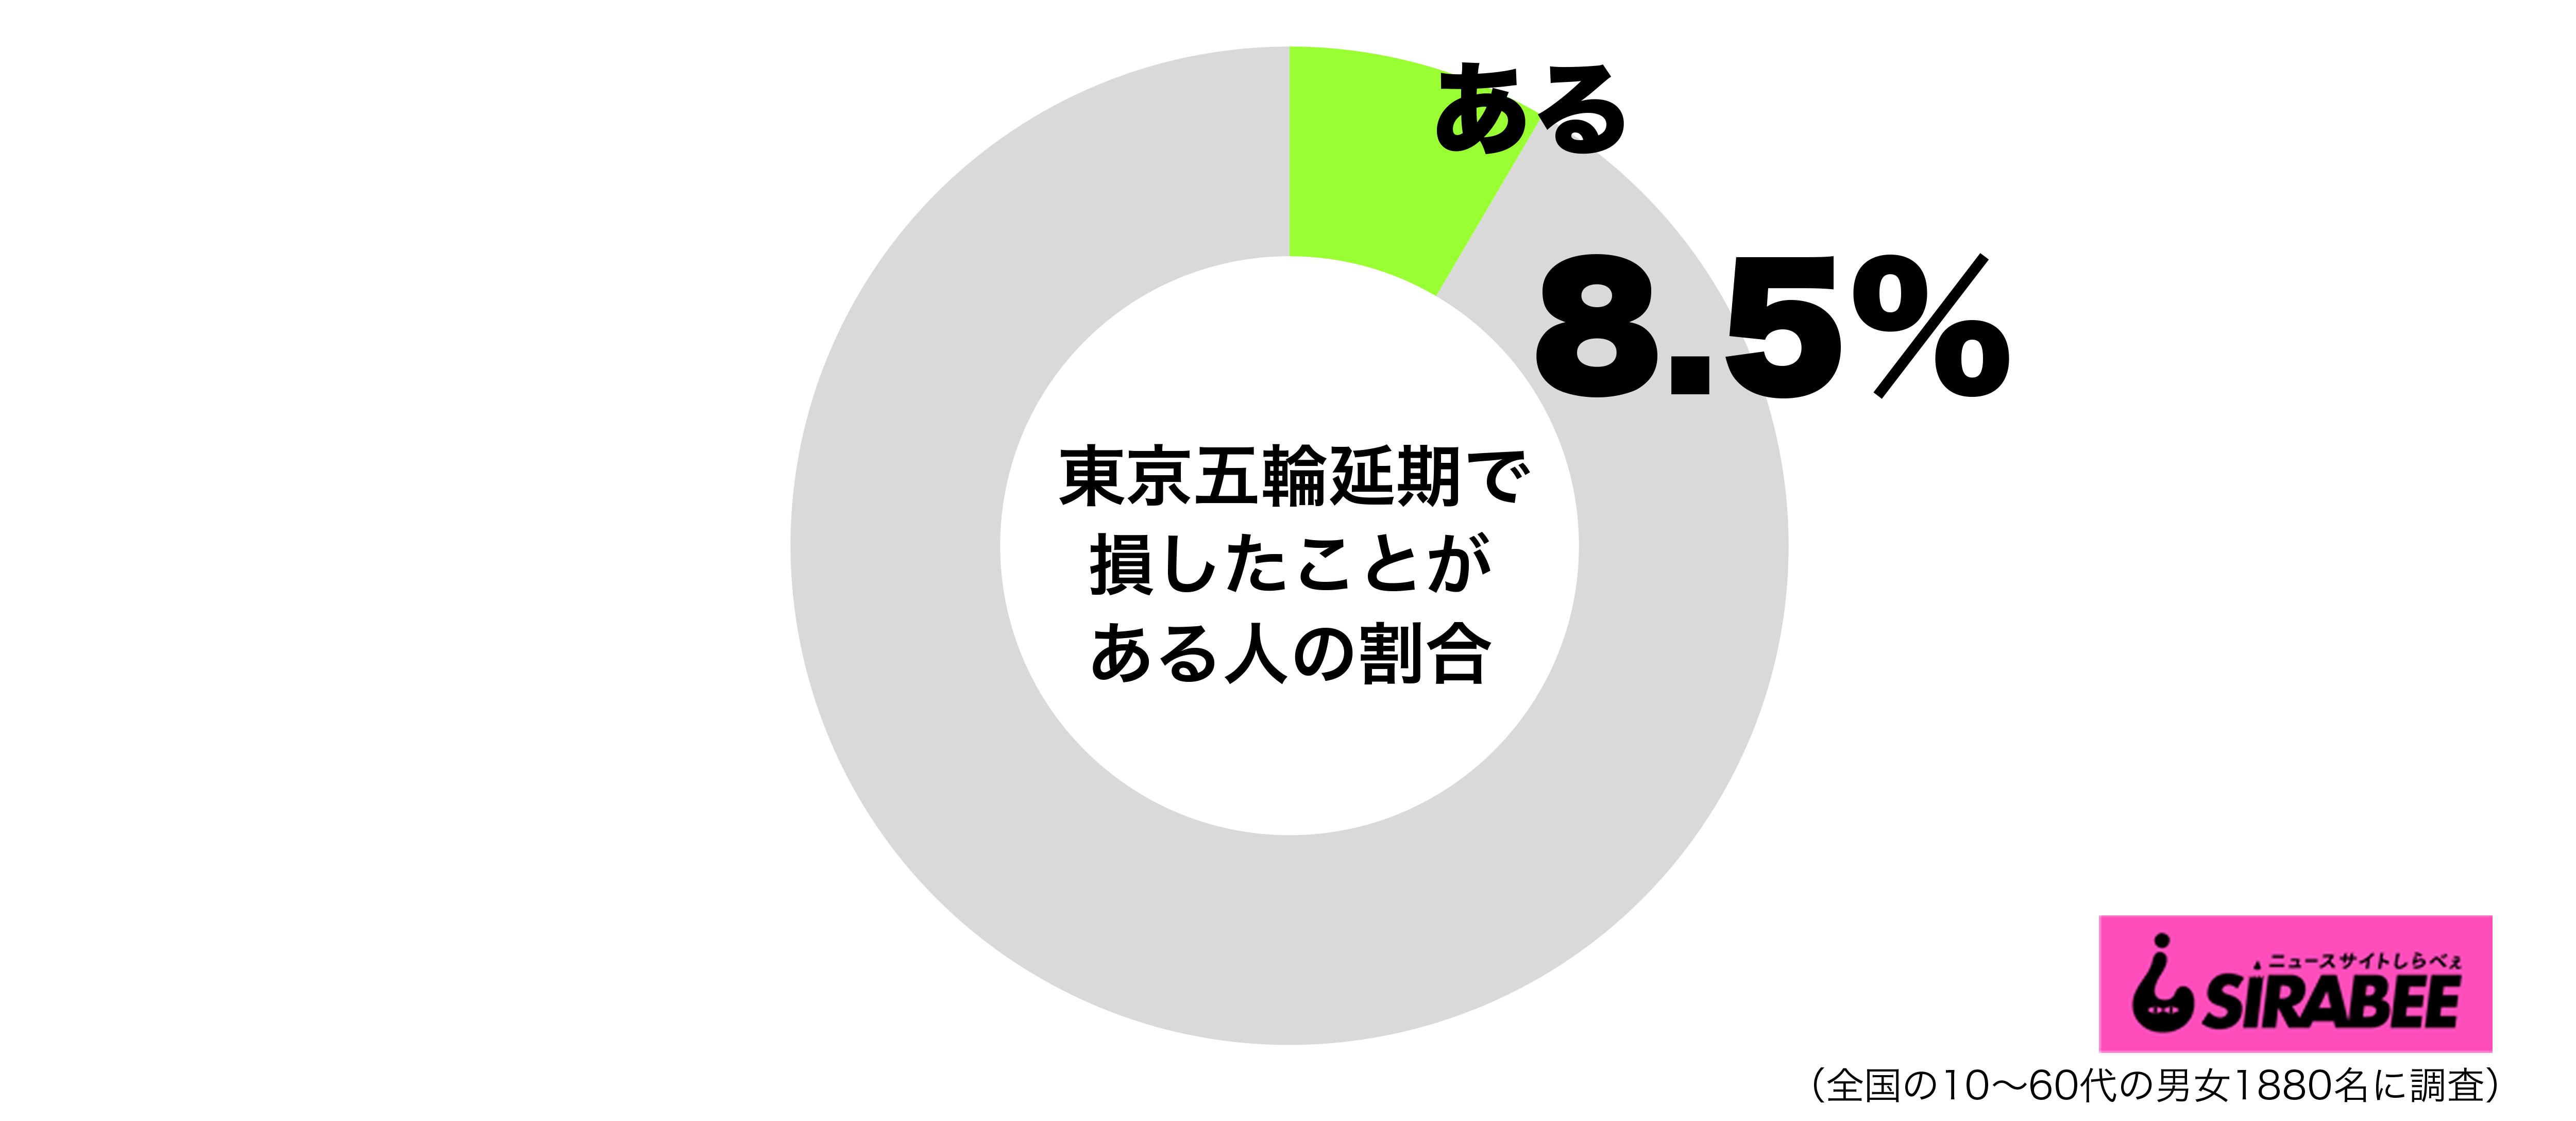 東京五輪延期で損したことがあるグラフ